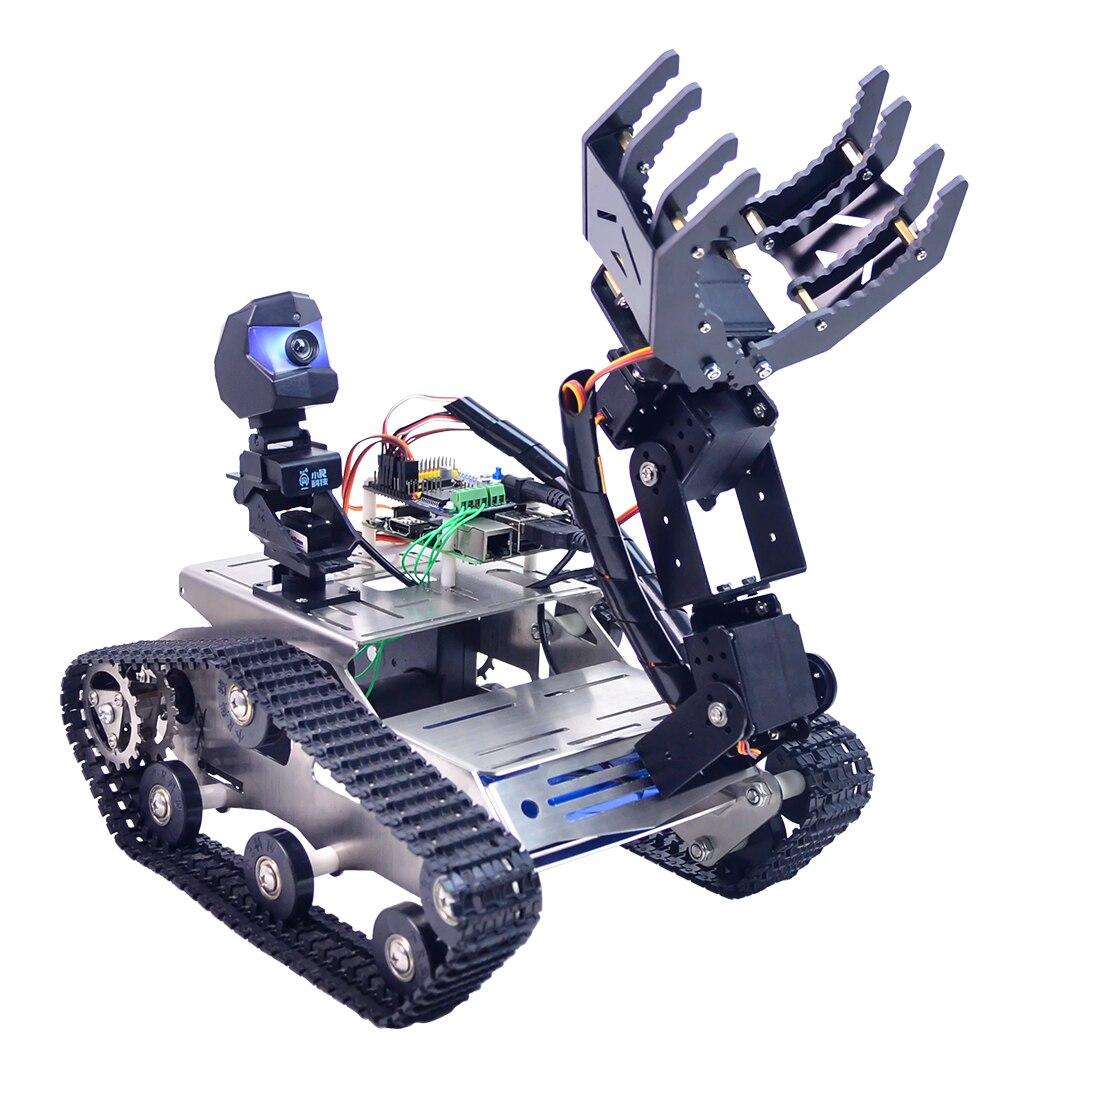 Voiture de Robot de réservoir de Bluetooth FPV de WiFi Programmable avec le bras pour la framboise